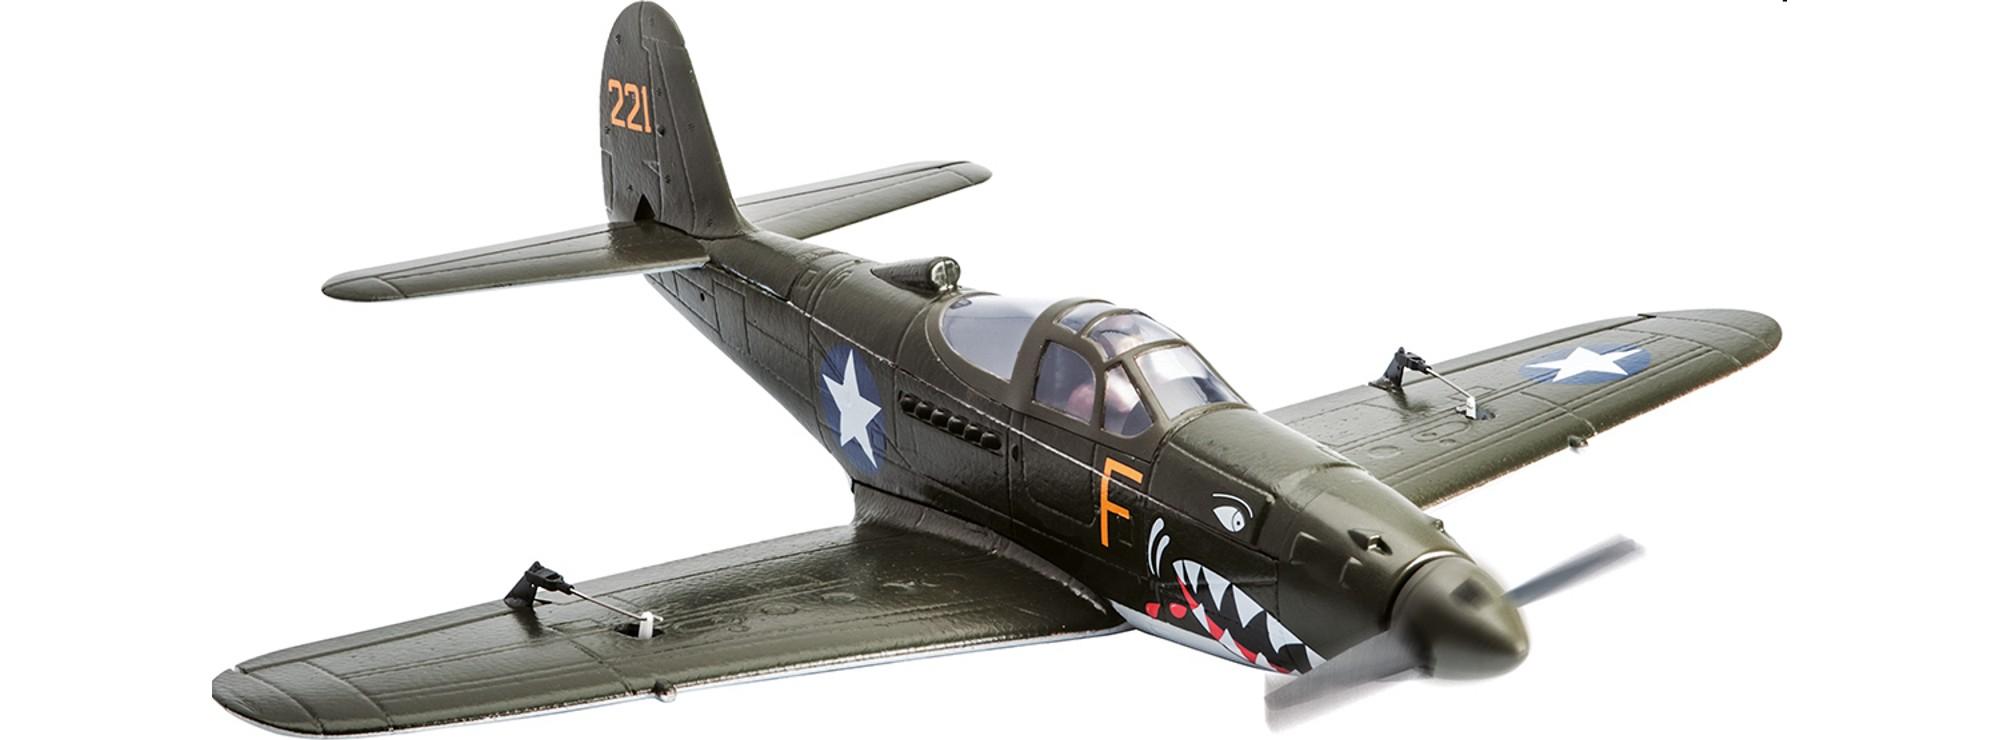 Ausverkauft lrp 210708 bell f 620 p39 airacobra speedbird arf rc flugzeug fertigmodell